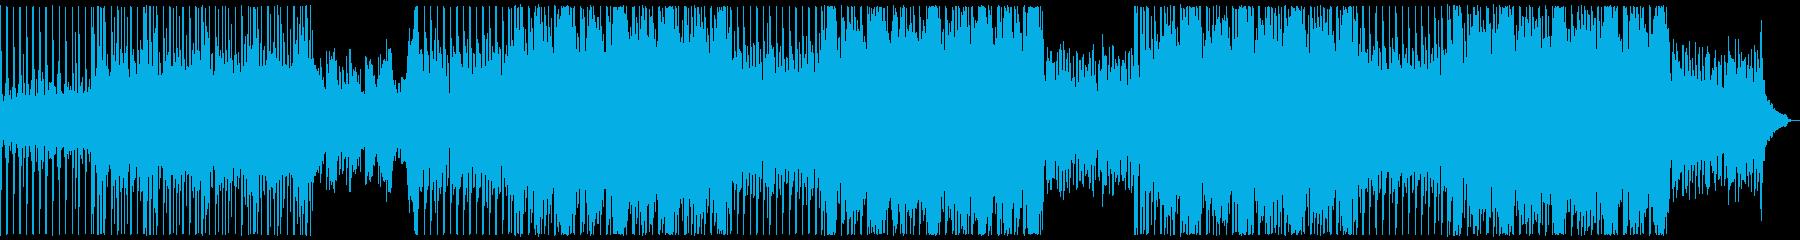 爽やかでおしとやかなうきうきサウンドの再生済みの波形